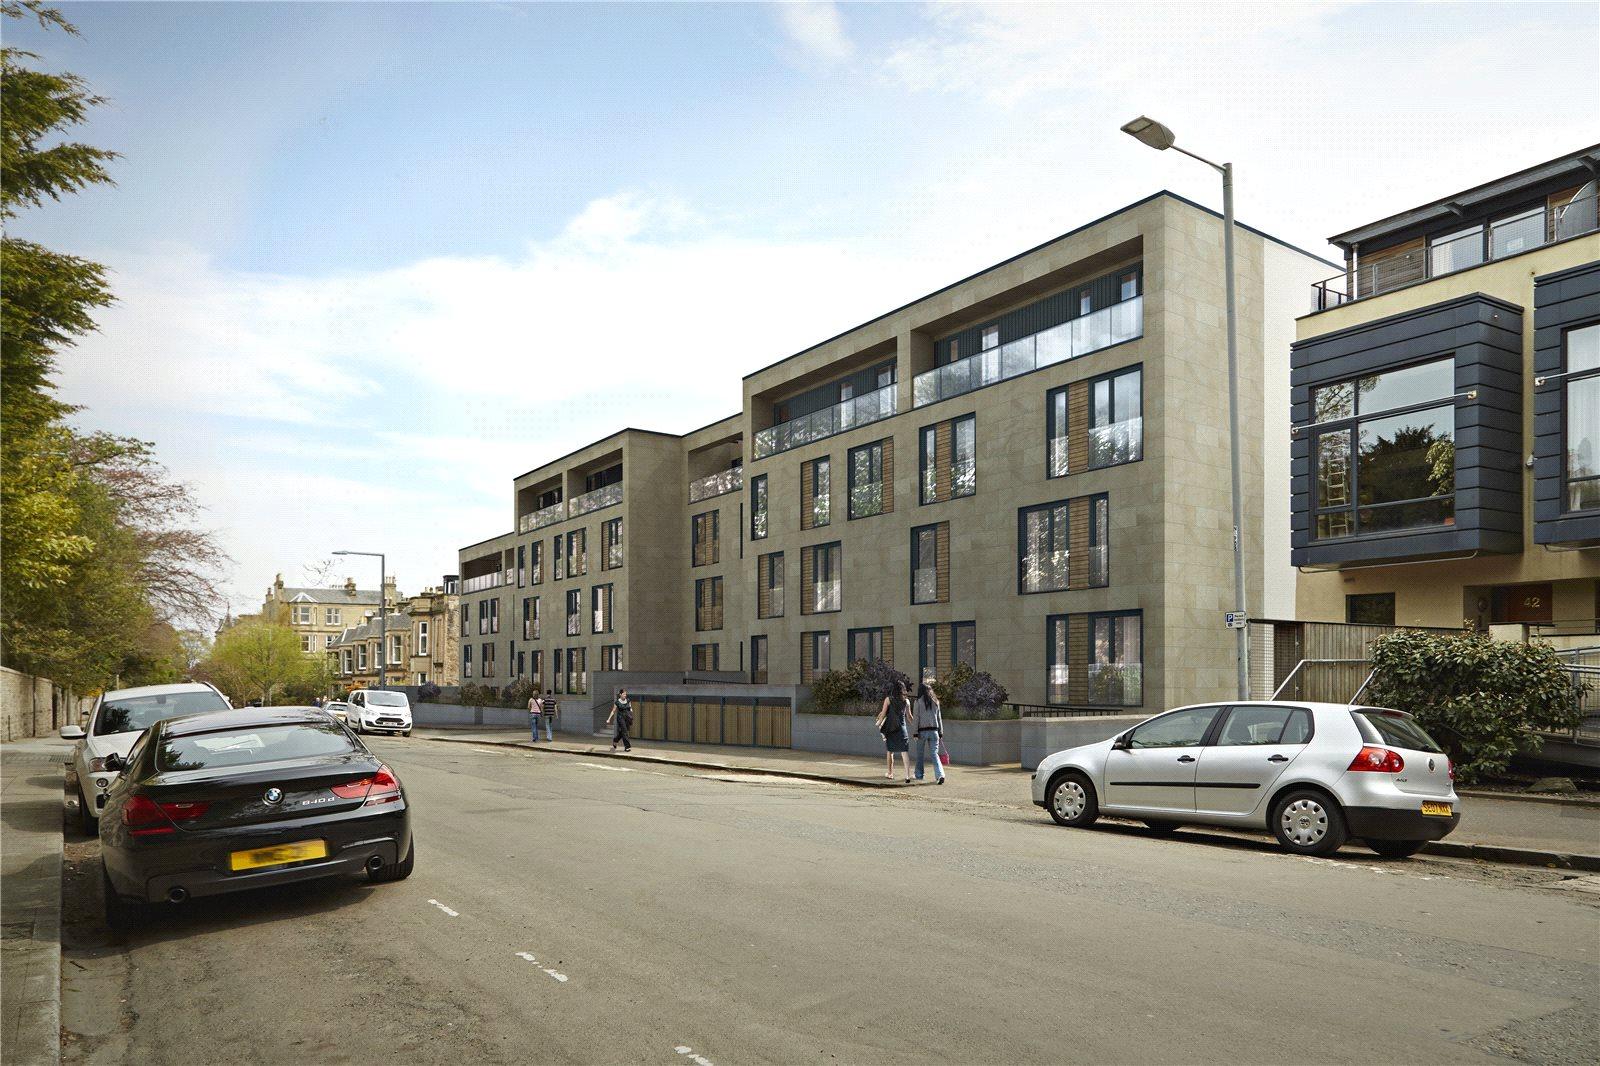 集合住宅 のために 売買 アット Newbattle Terrace, Edinburgh, EH10 Edinburgh, Scotland